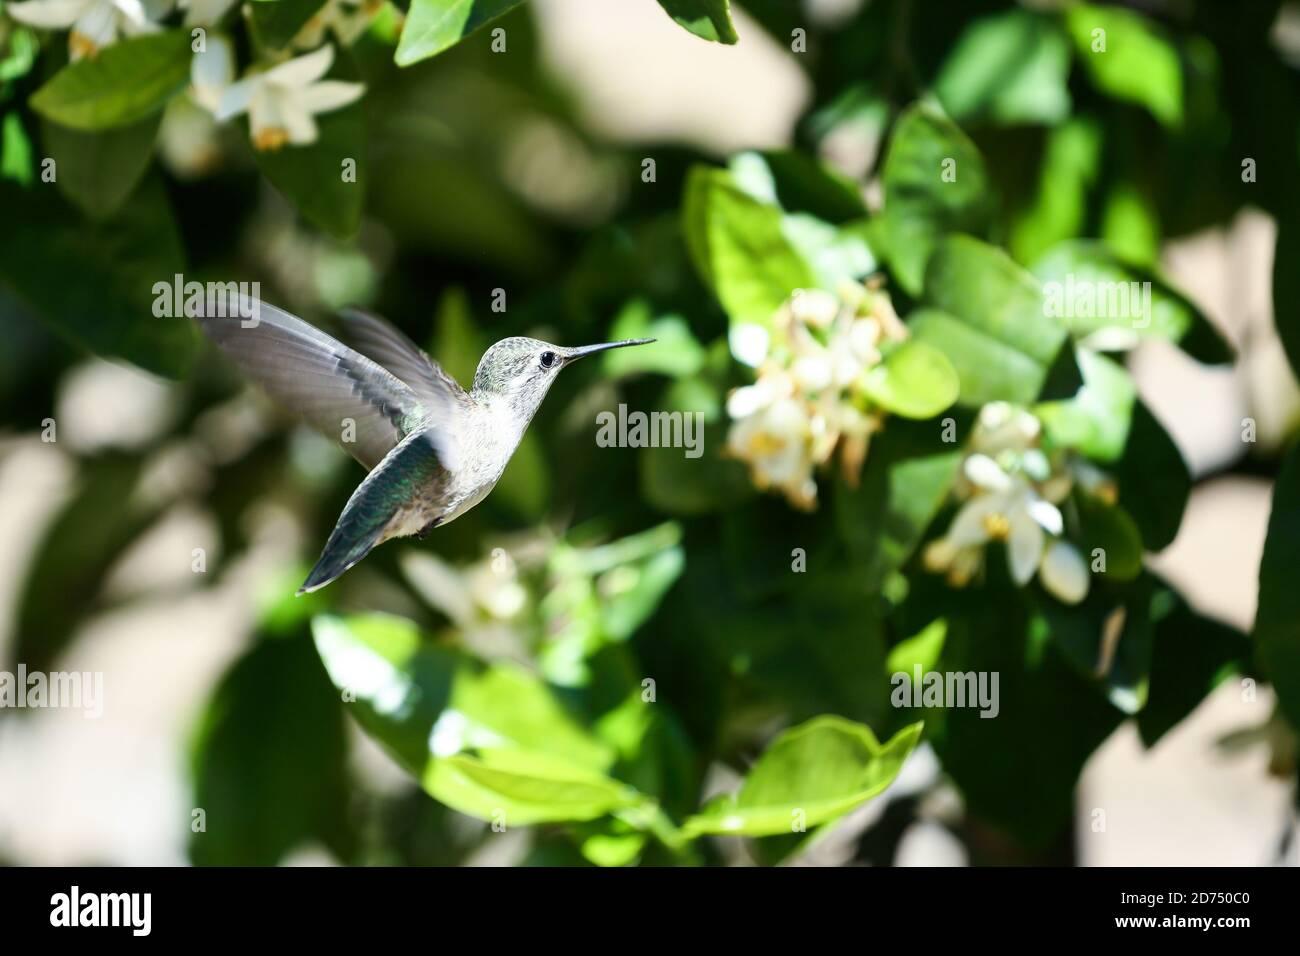 Un colibrí rondando para recoger néctar de las flores de pomelo árbol Foto de stock